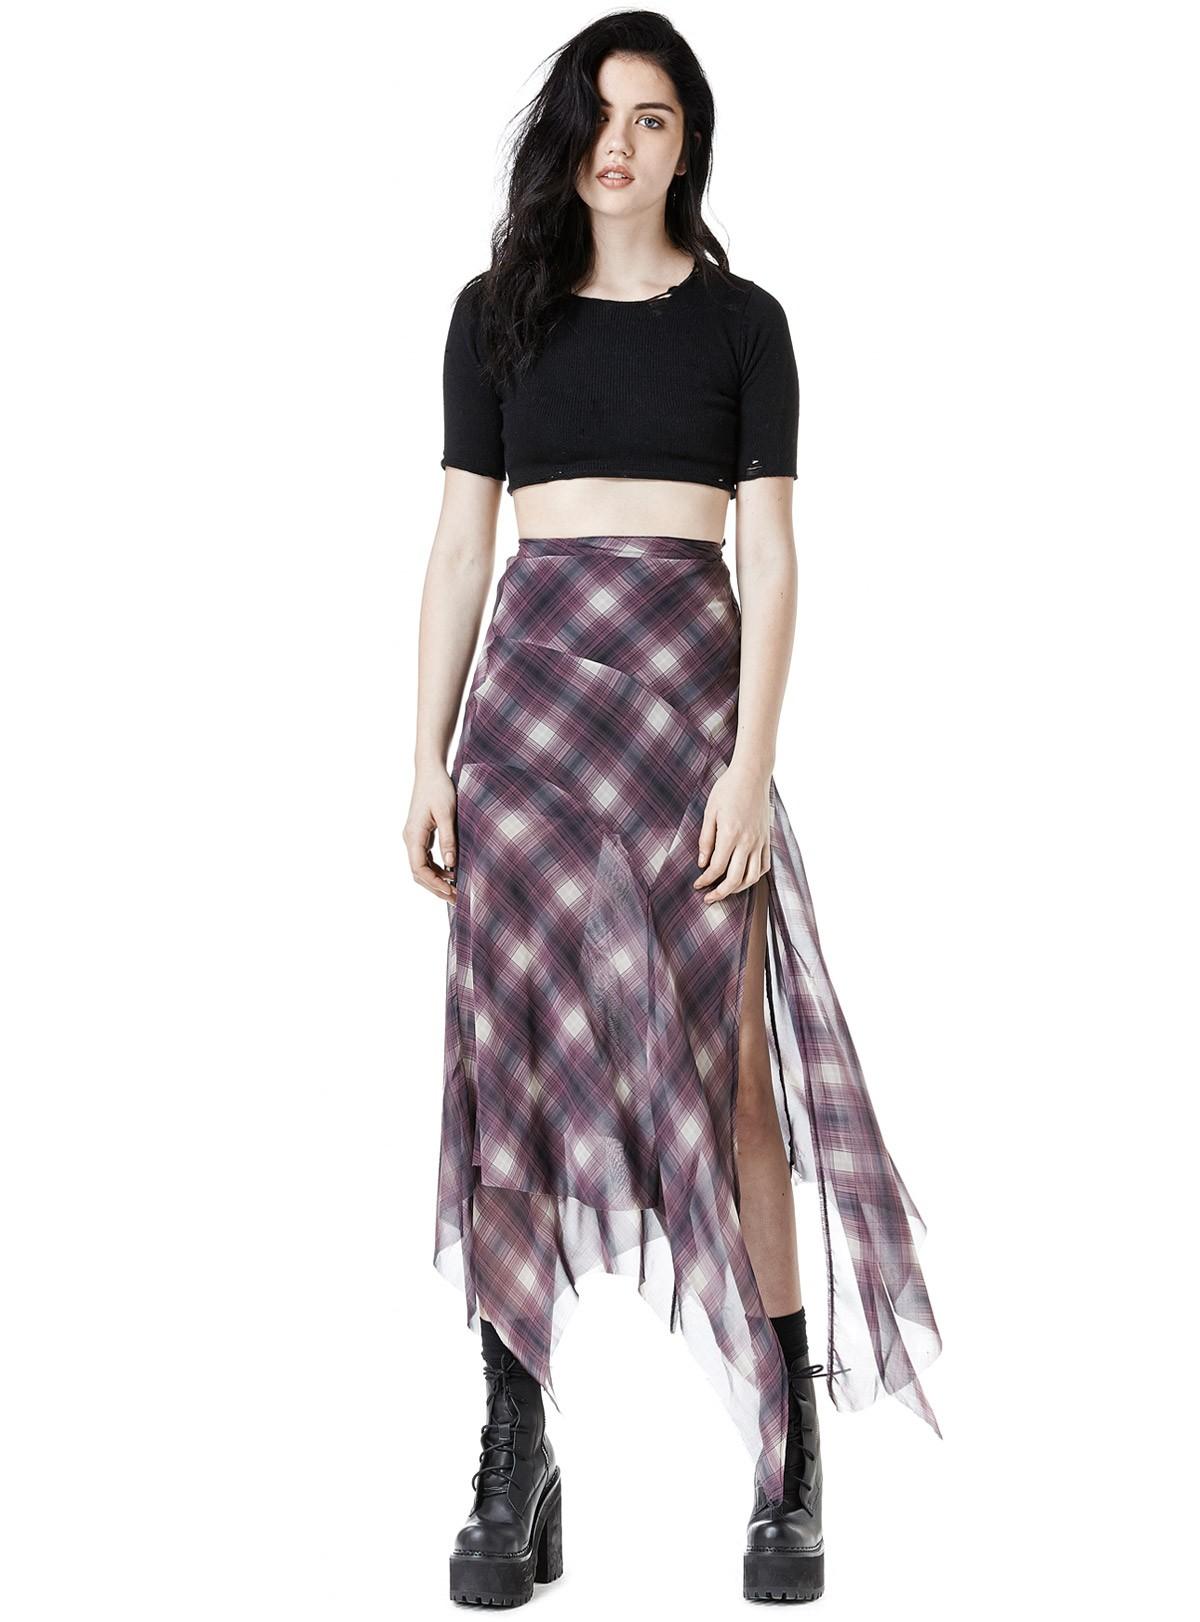 Riff skirt